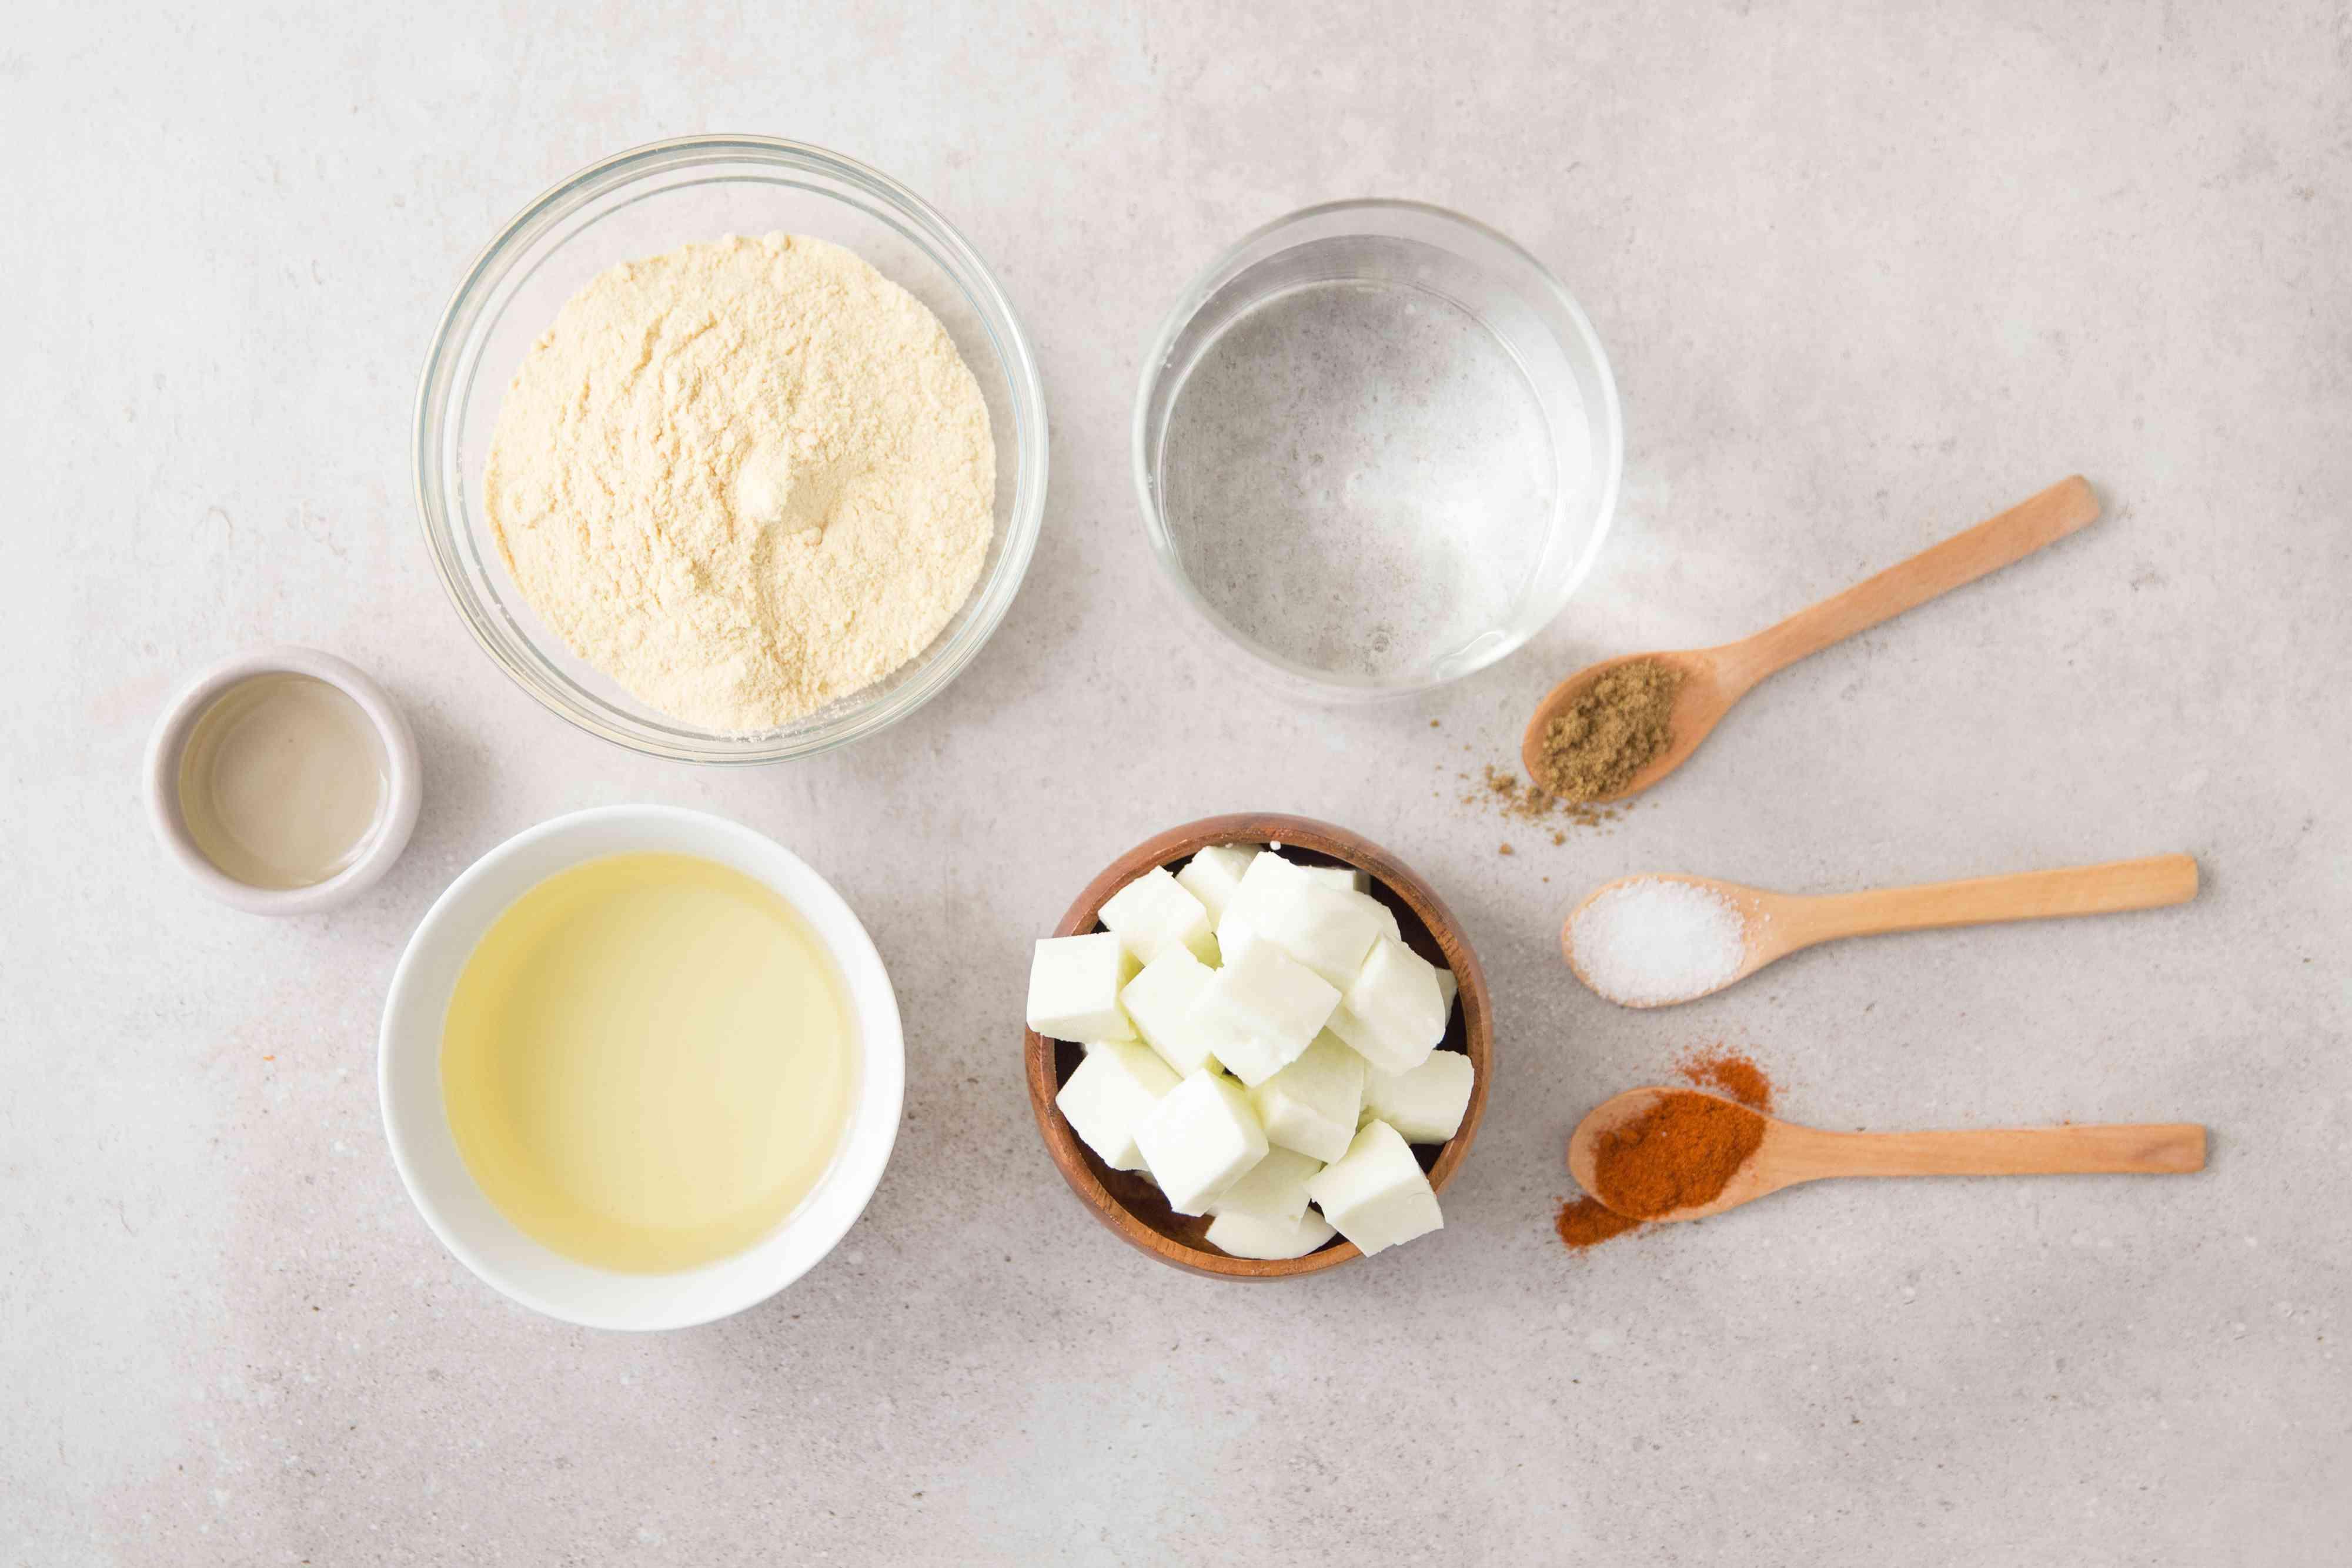 Ingredients for fried paneer